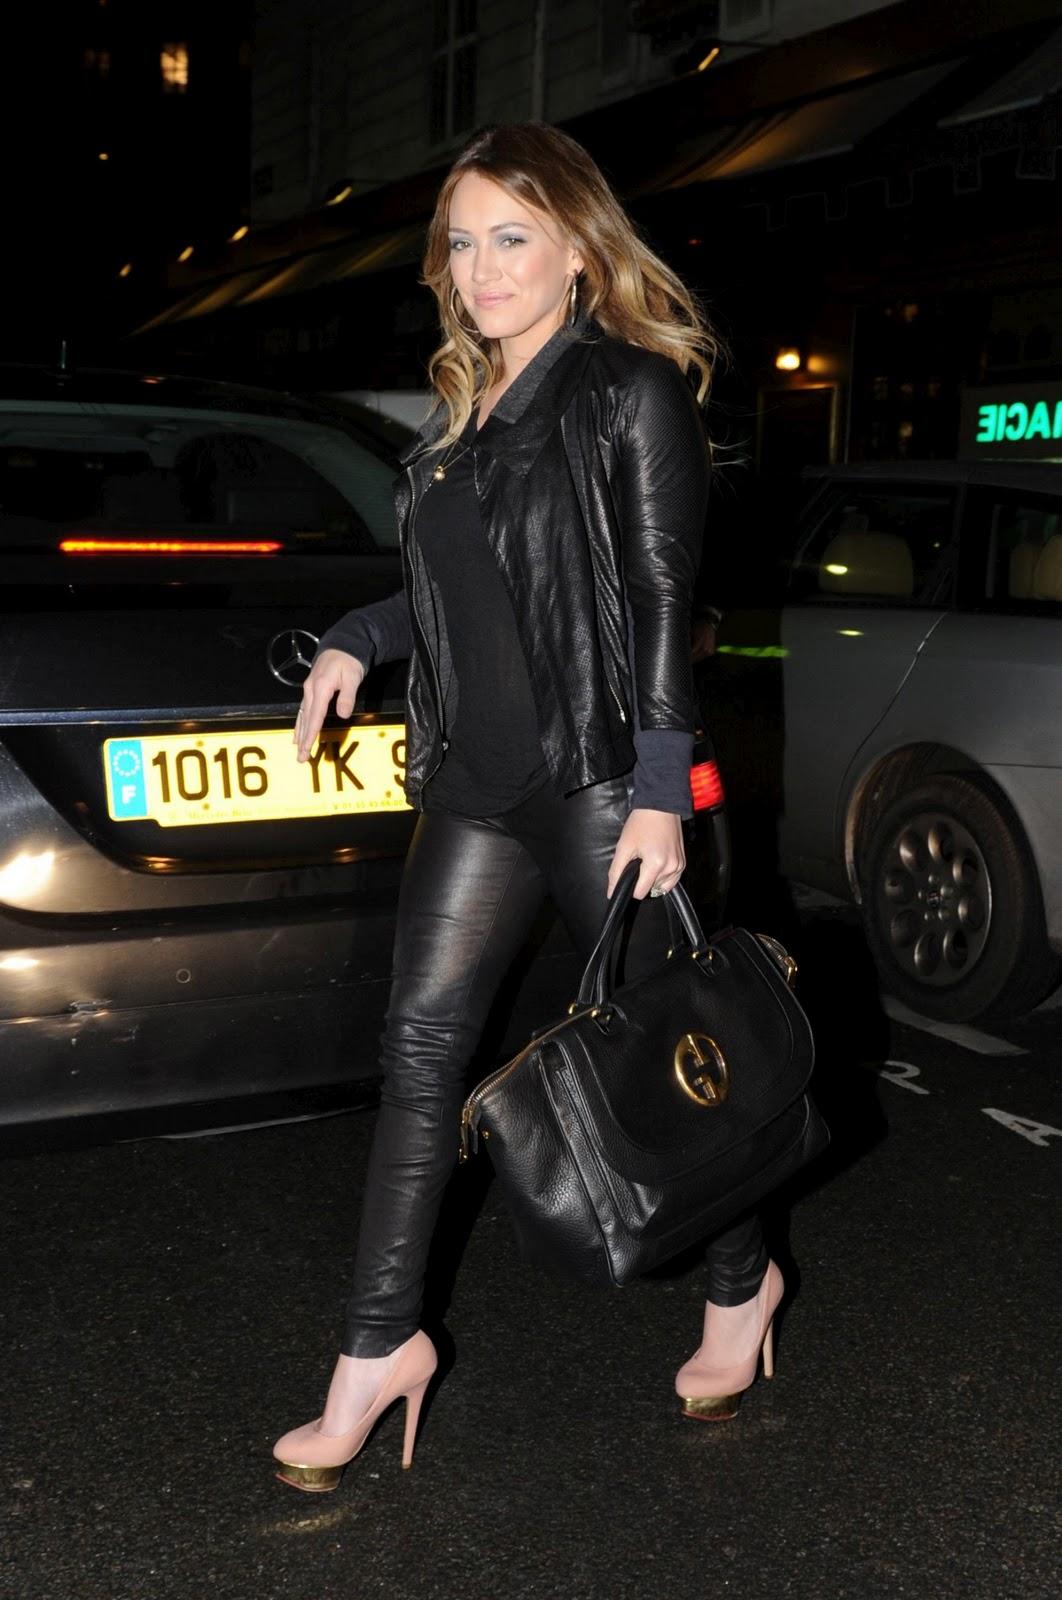 http://3.bp.blogspot.com/_jQe0gCOgO8o/TU_dyiZzbuI/AAAAAAAAPPQ/-pC3jndBfcc/s1600/Hilary-Duff-71.jpg